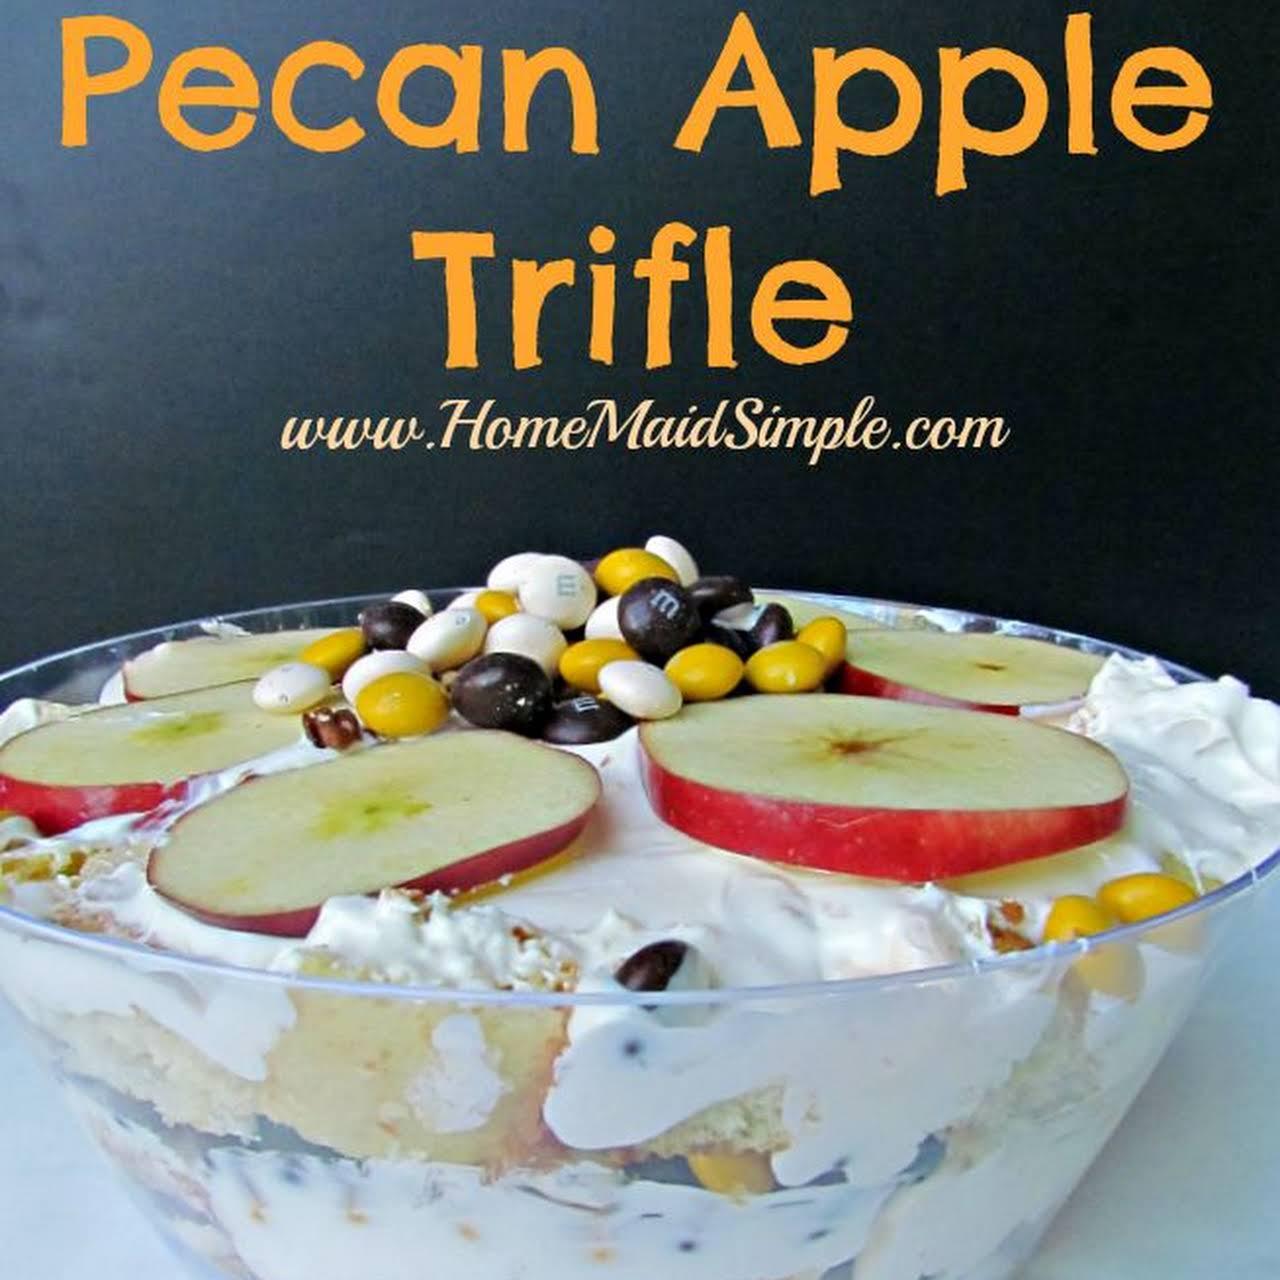 Pecan Apple Trifle